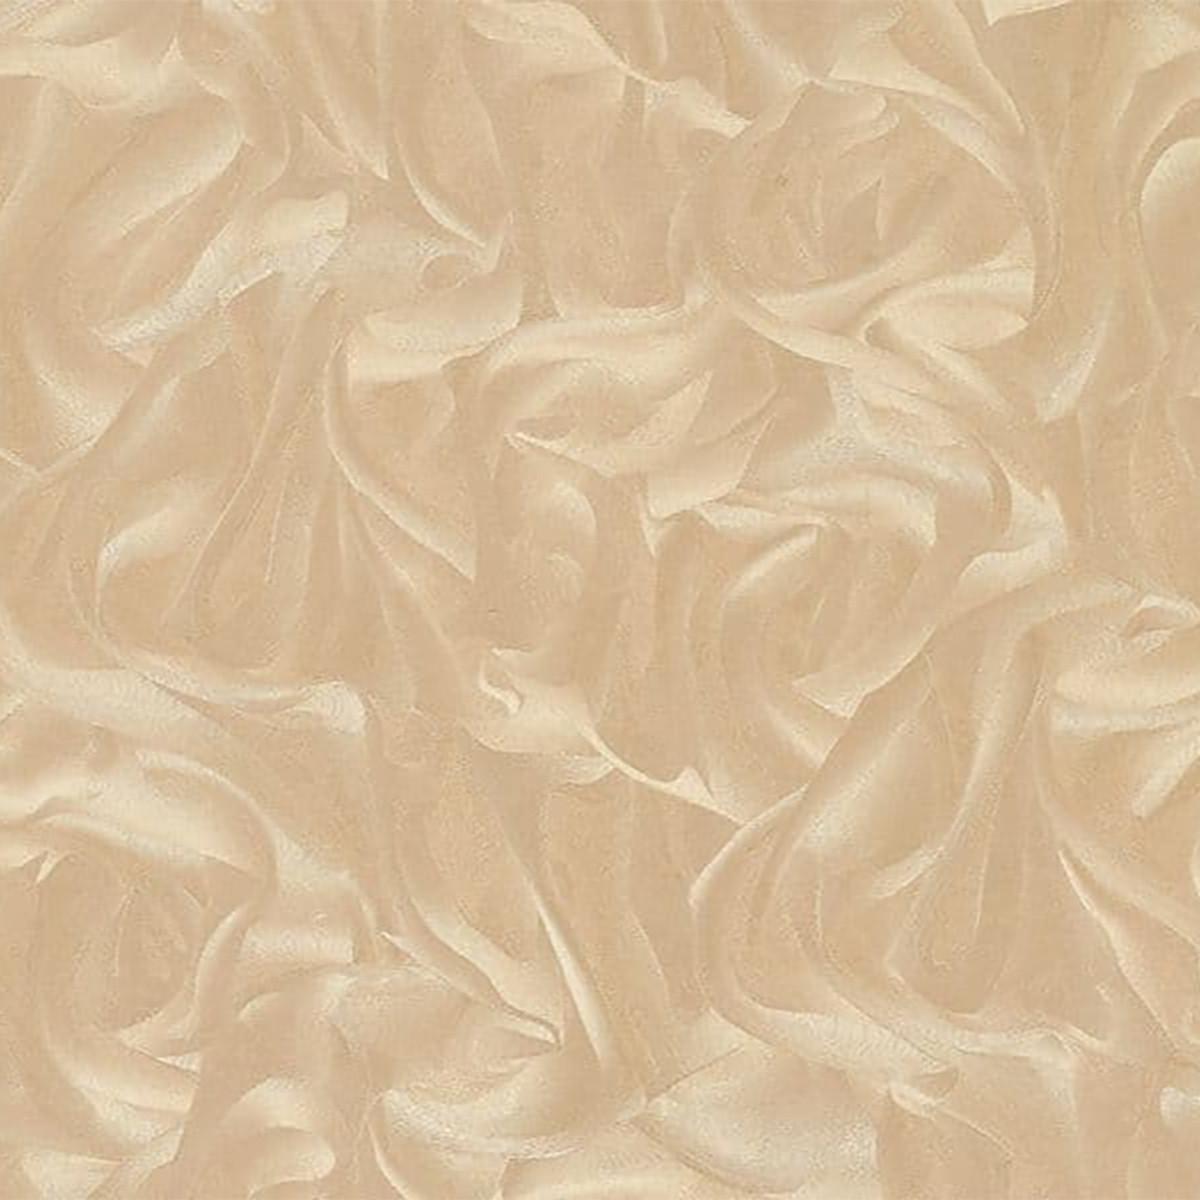 Обои флизелиновые Murella желтые 1.06 м 5144